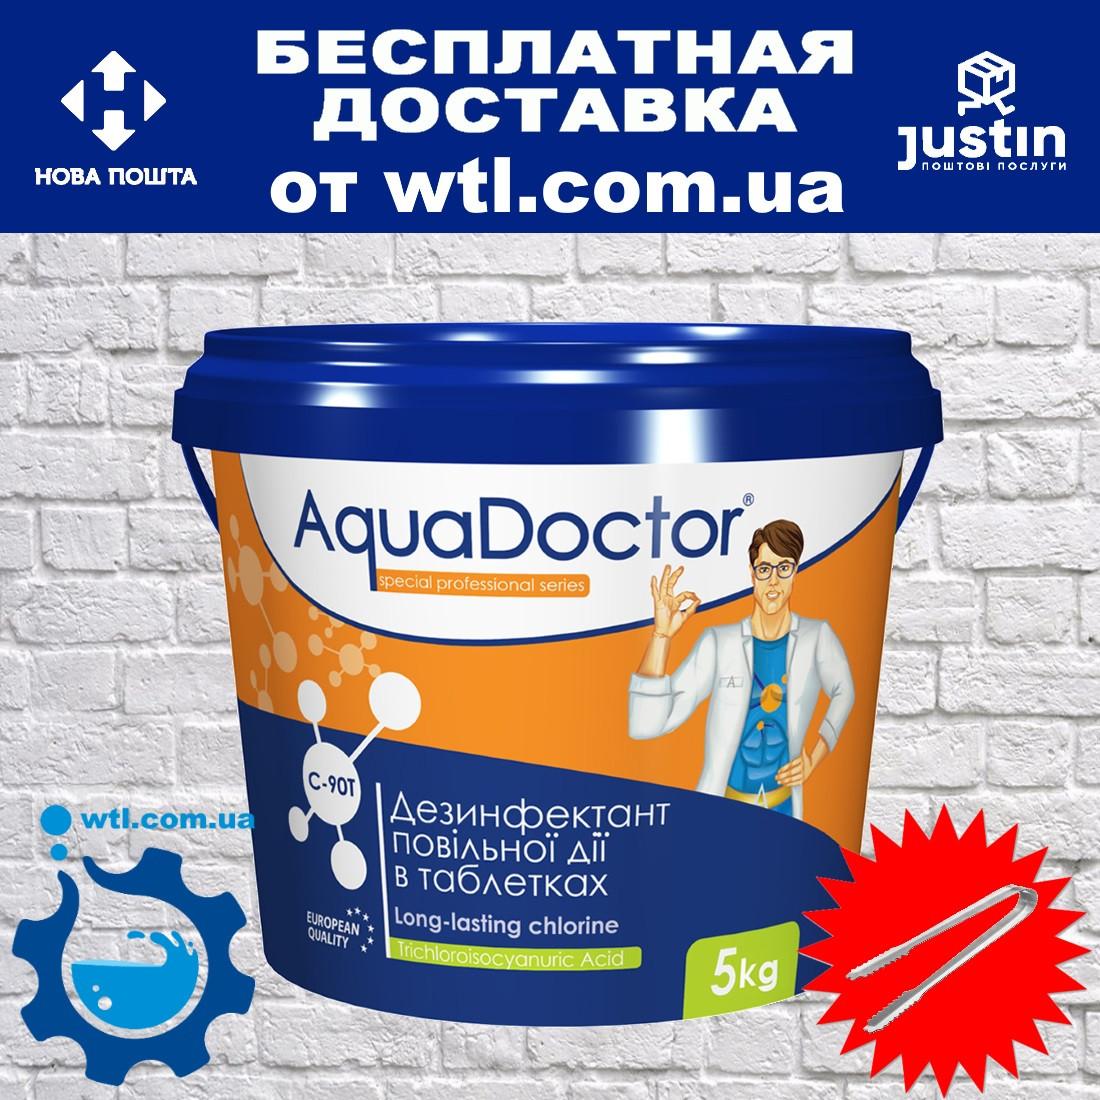 Aquadoctor C-90T 50 кг. Медленный (длительный) хлор. Химия для бассейнов Аквадоктор. Таблетки для бассейна